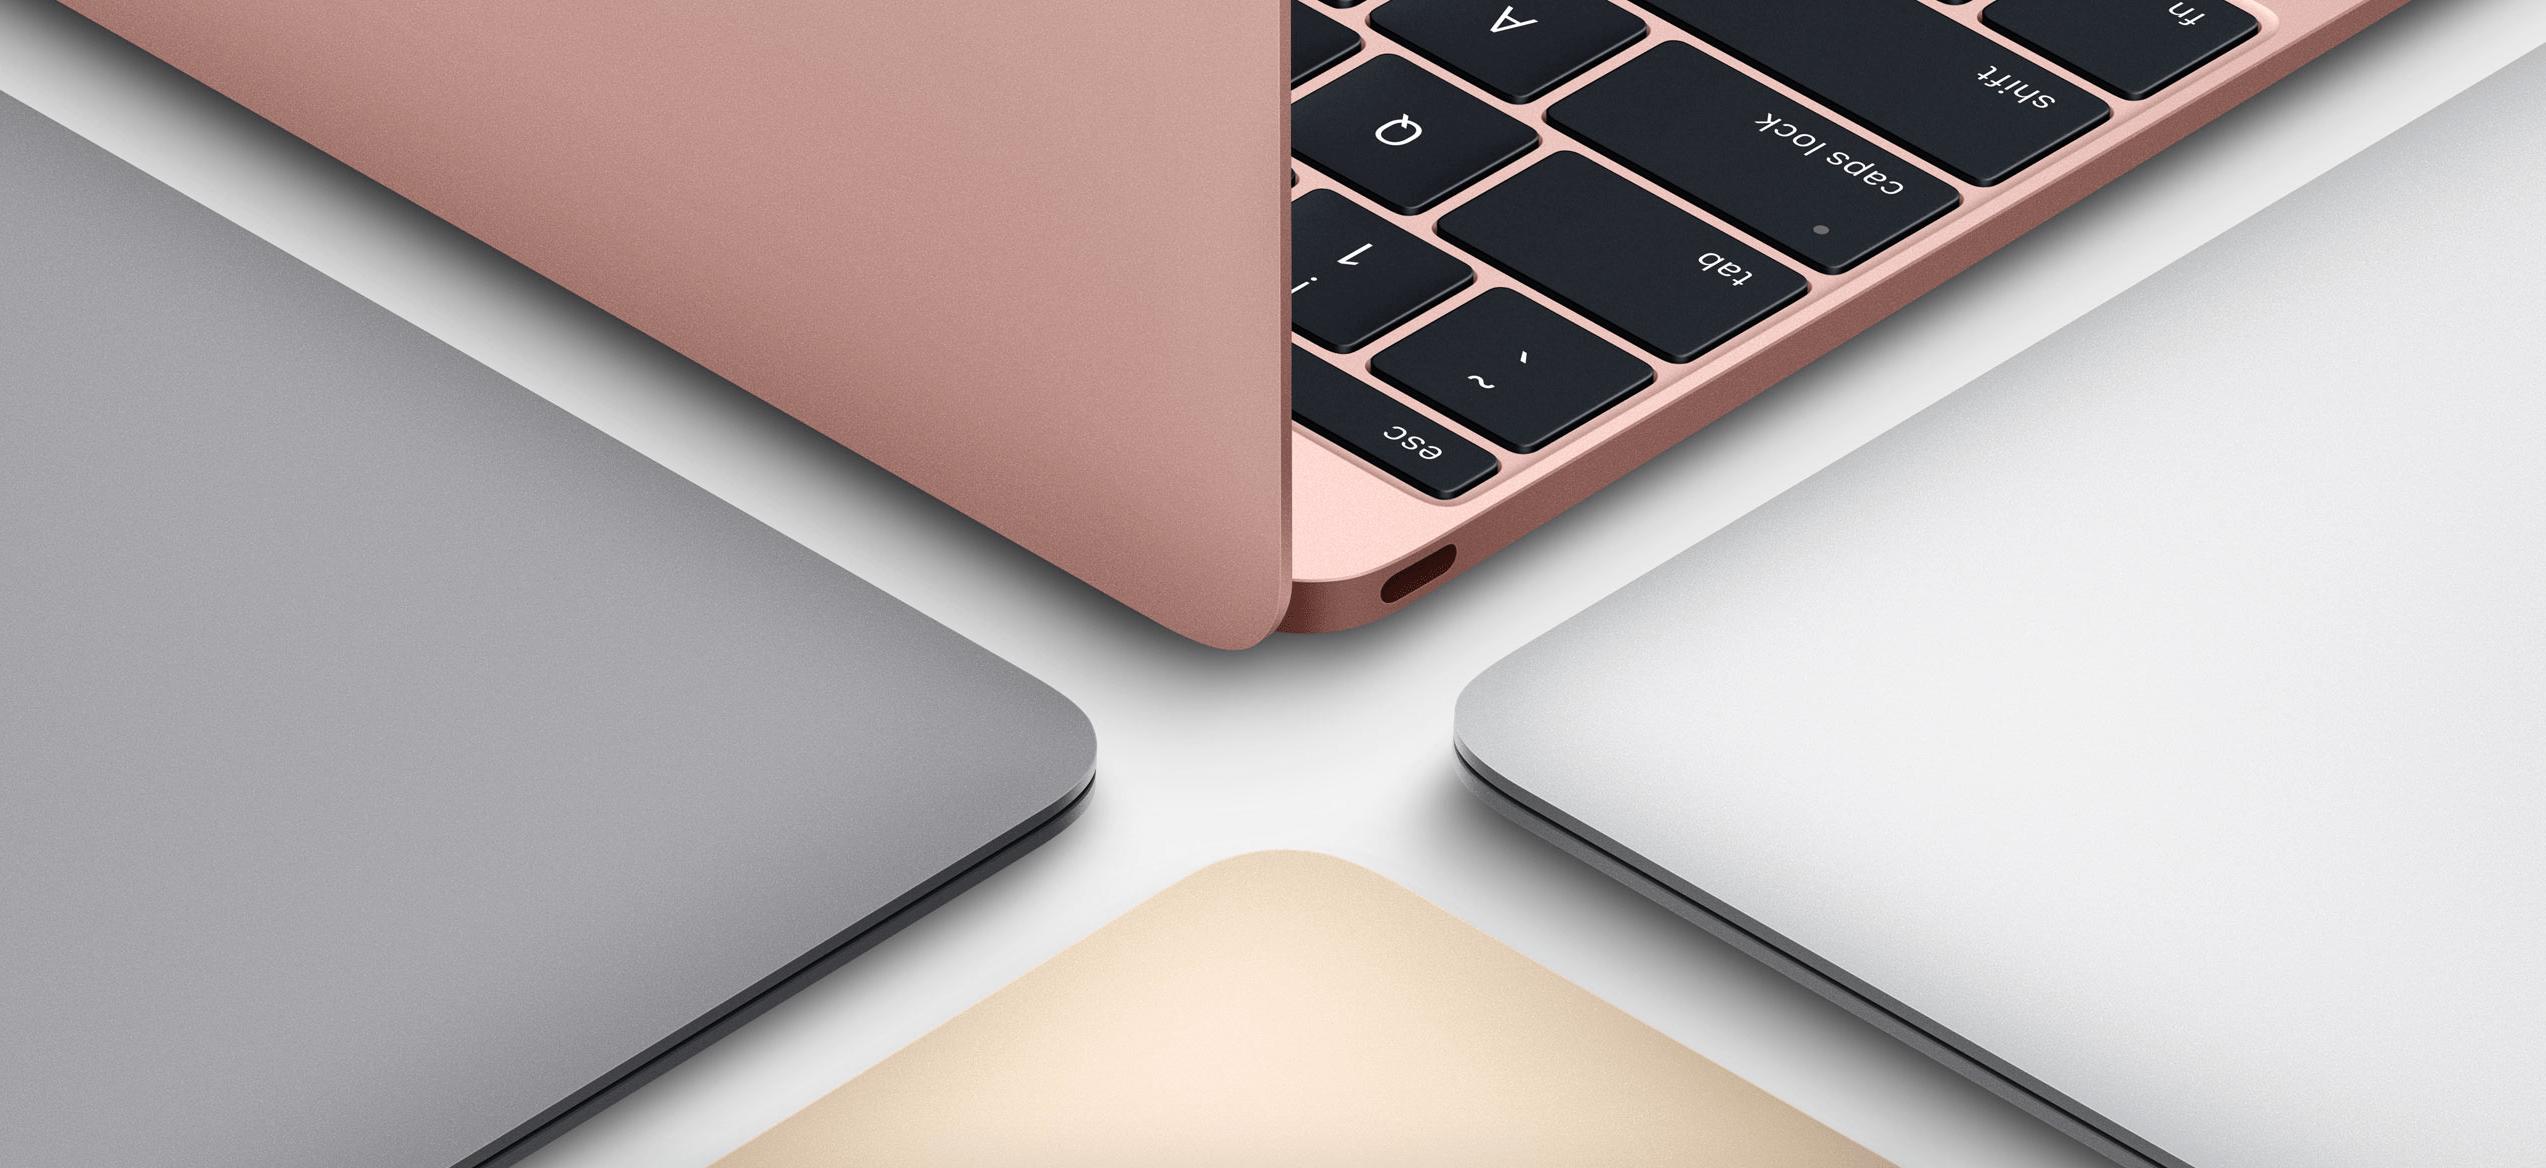 macbook air farver